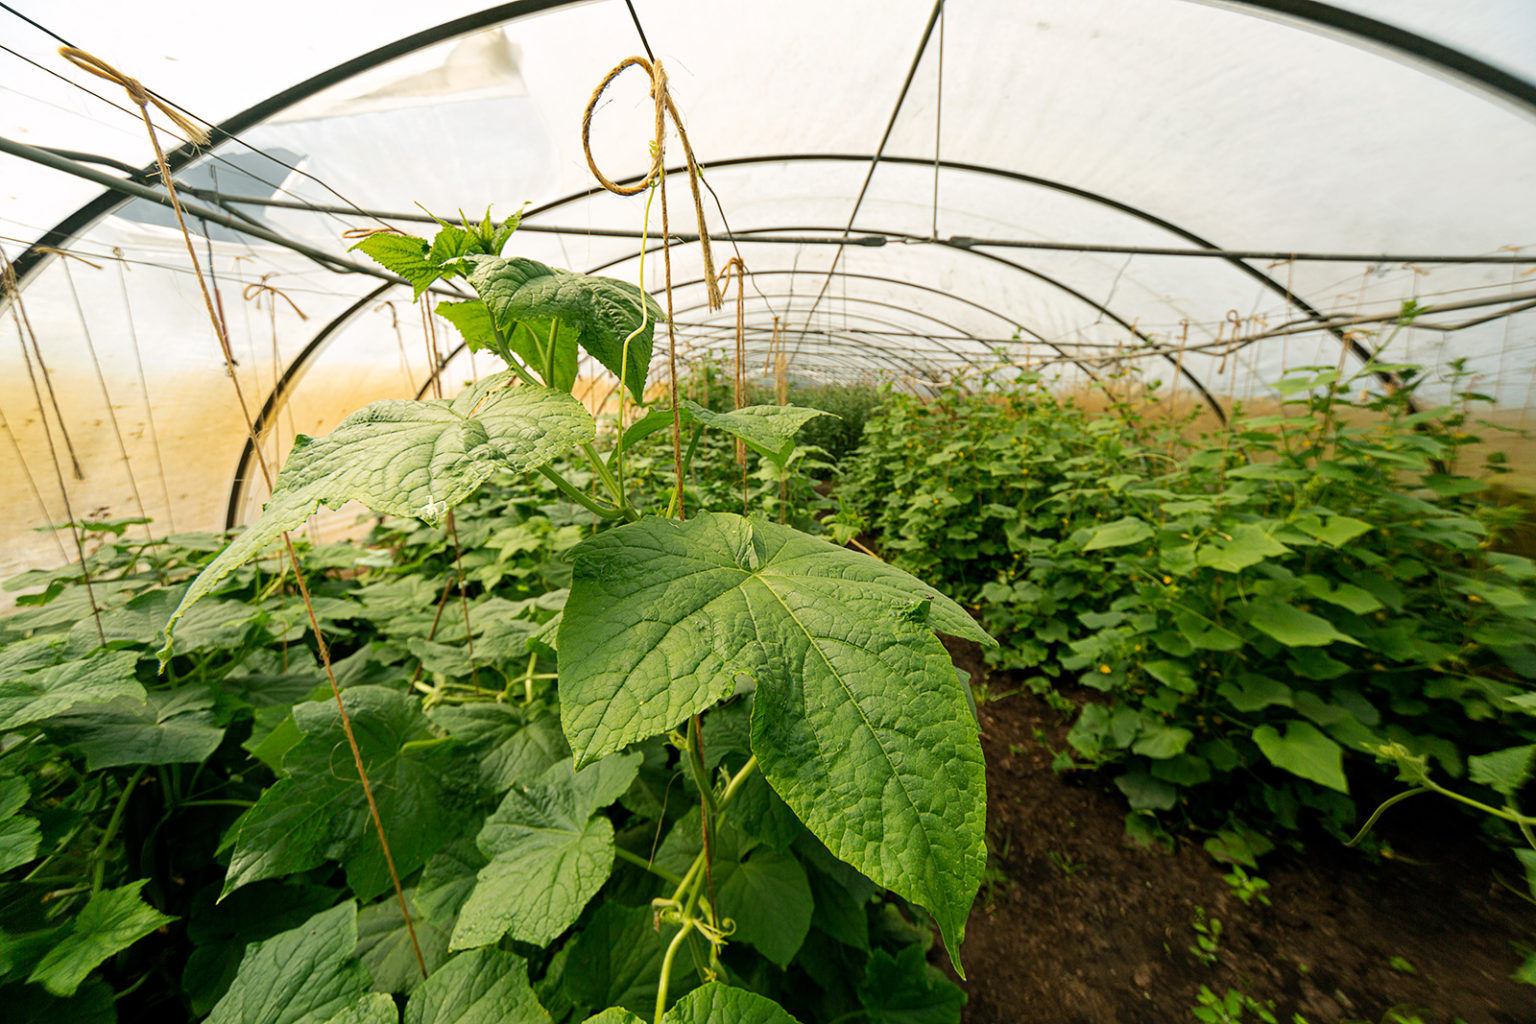 Einige Gemüsesorten wie Gurken und Tomaten zieht Kobs im Gewächshaus.